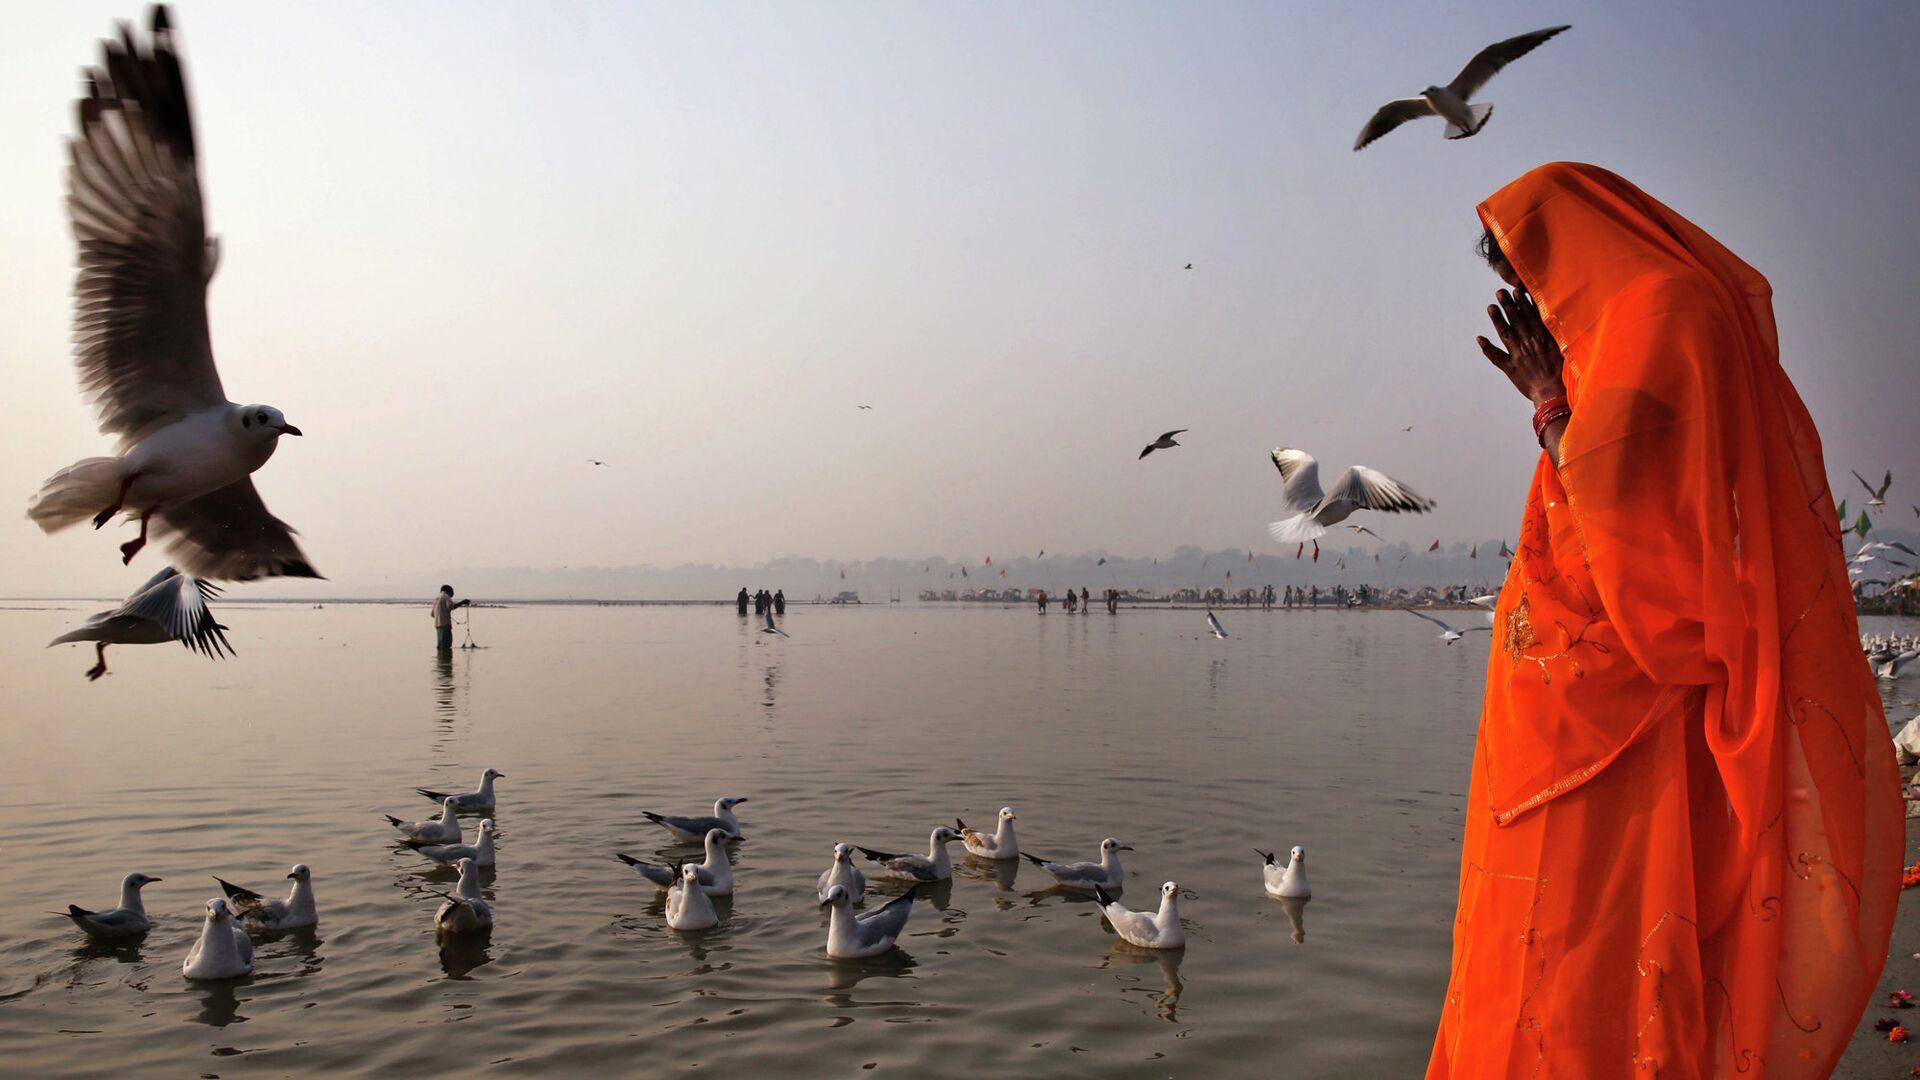 Индус молится на берегу Ганга в Аллахабаде, Индия - РИА Новости, 1920, 12.05.2021